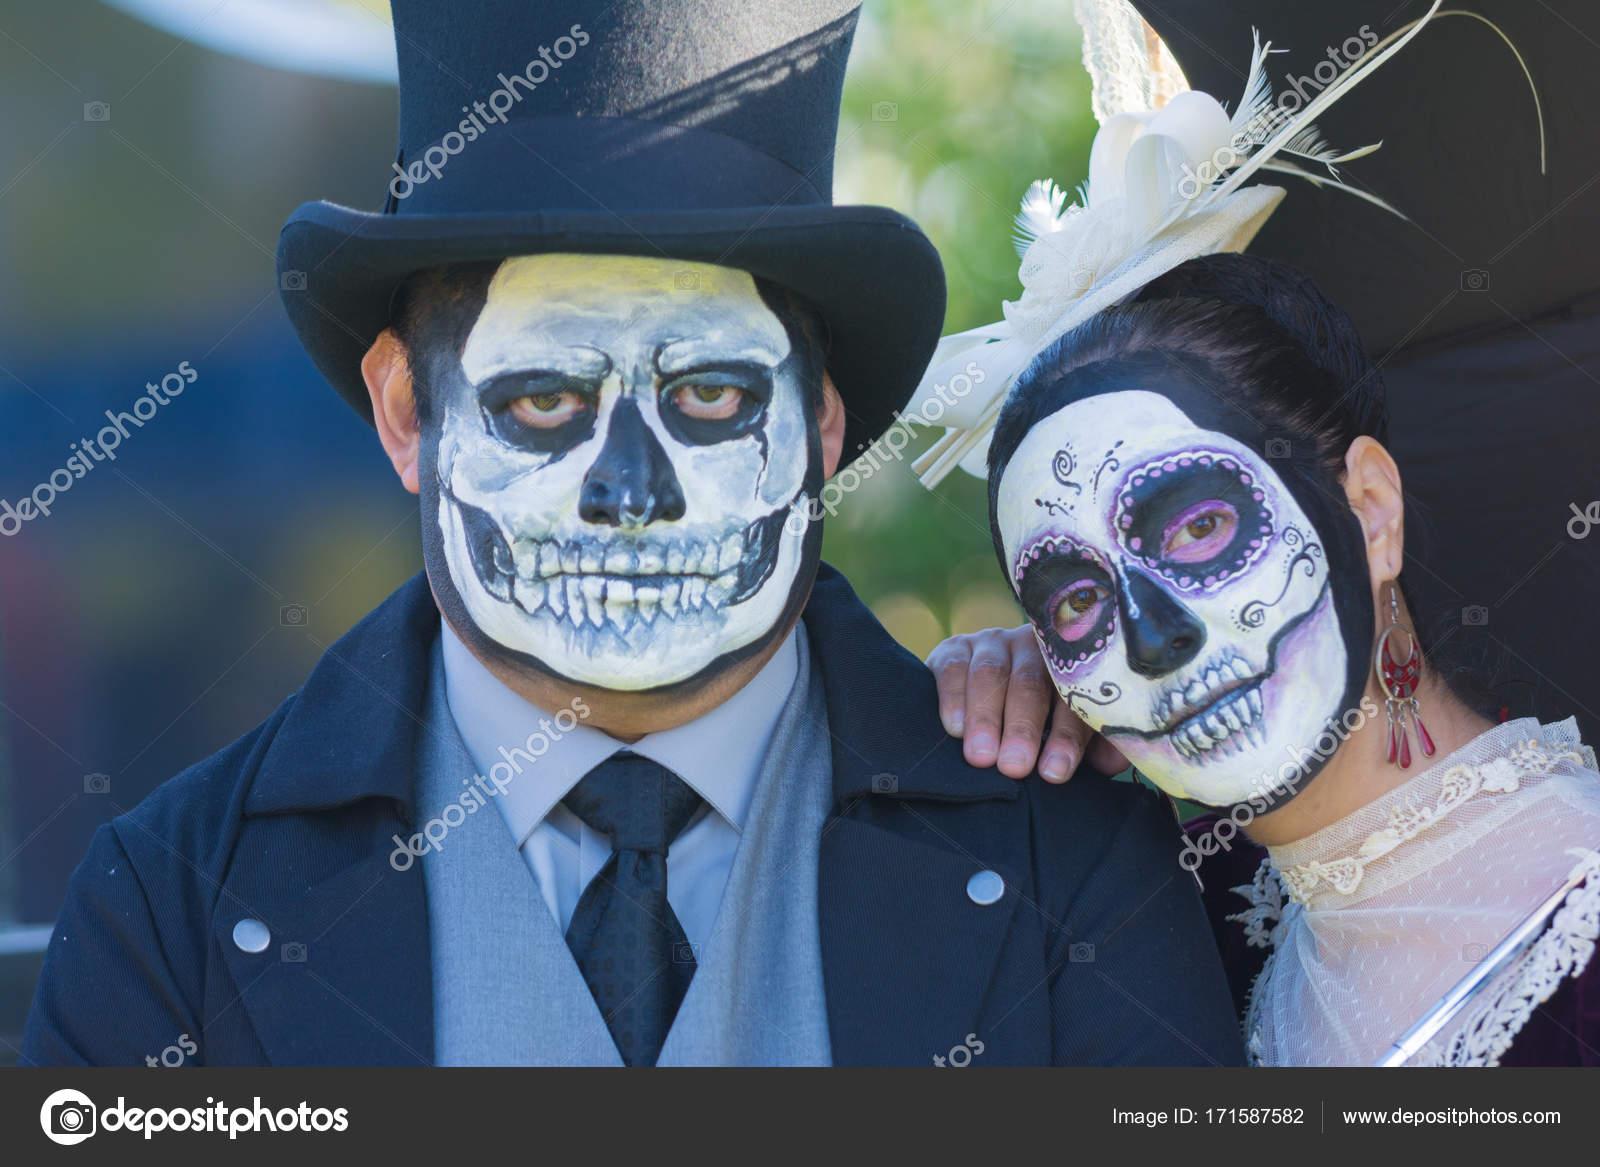 Zucker Schädel maskiert verkleidet als verheiratetes Paar tagsüber ...